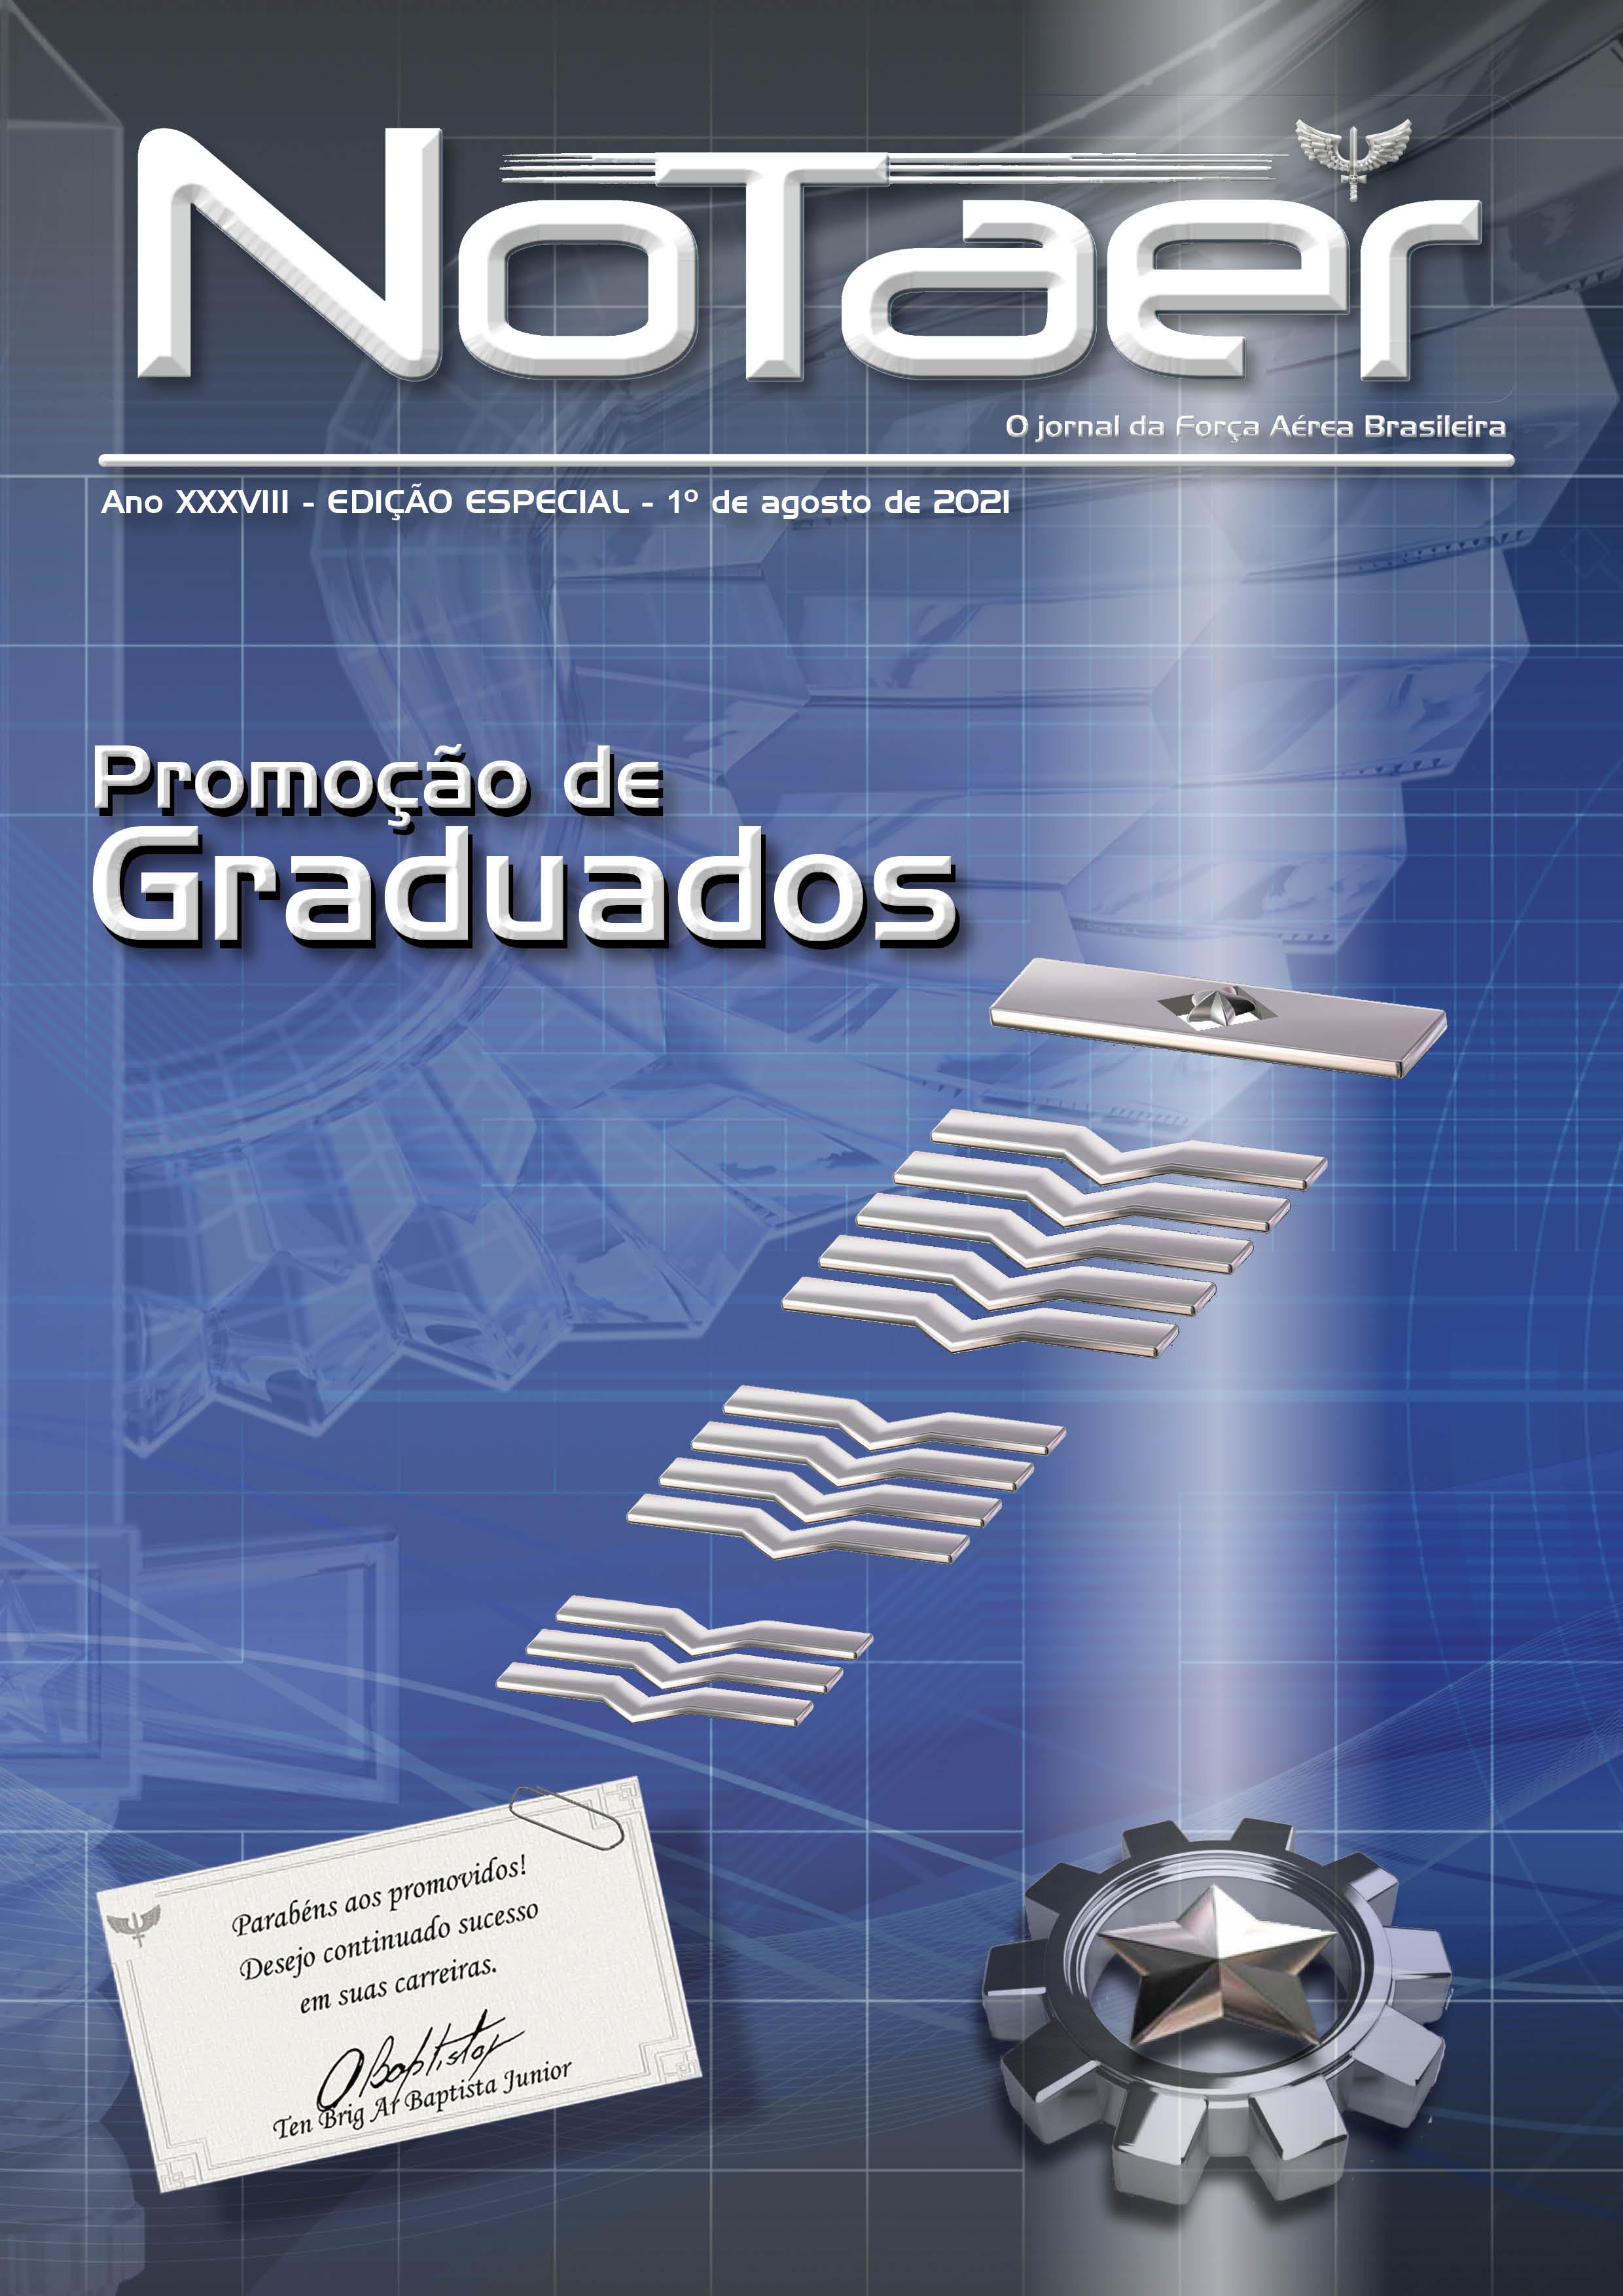 NOTAER - Especial promoção de Graduados - 1º de agosto de 2021